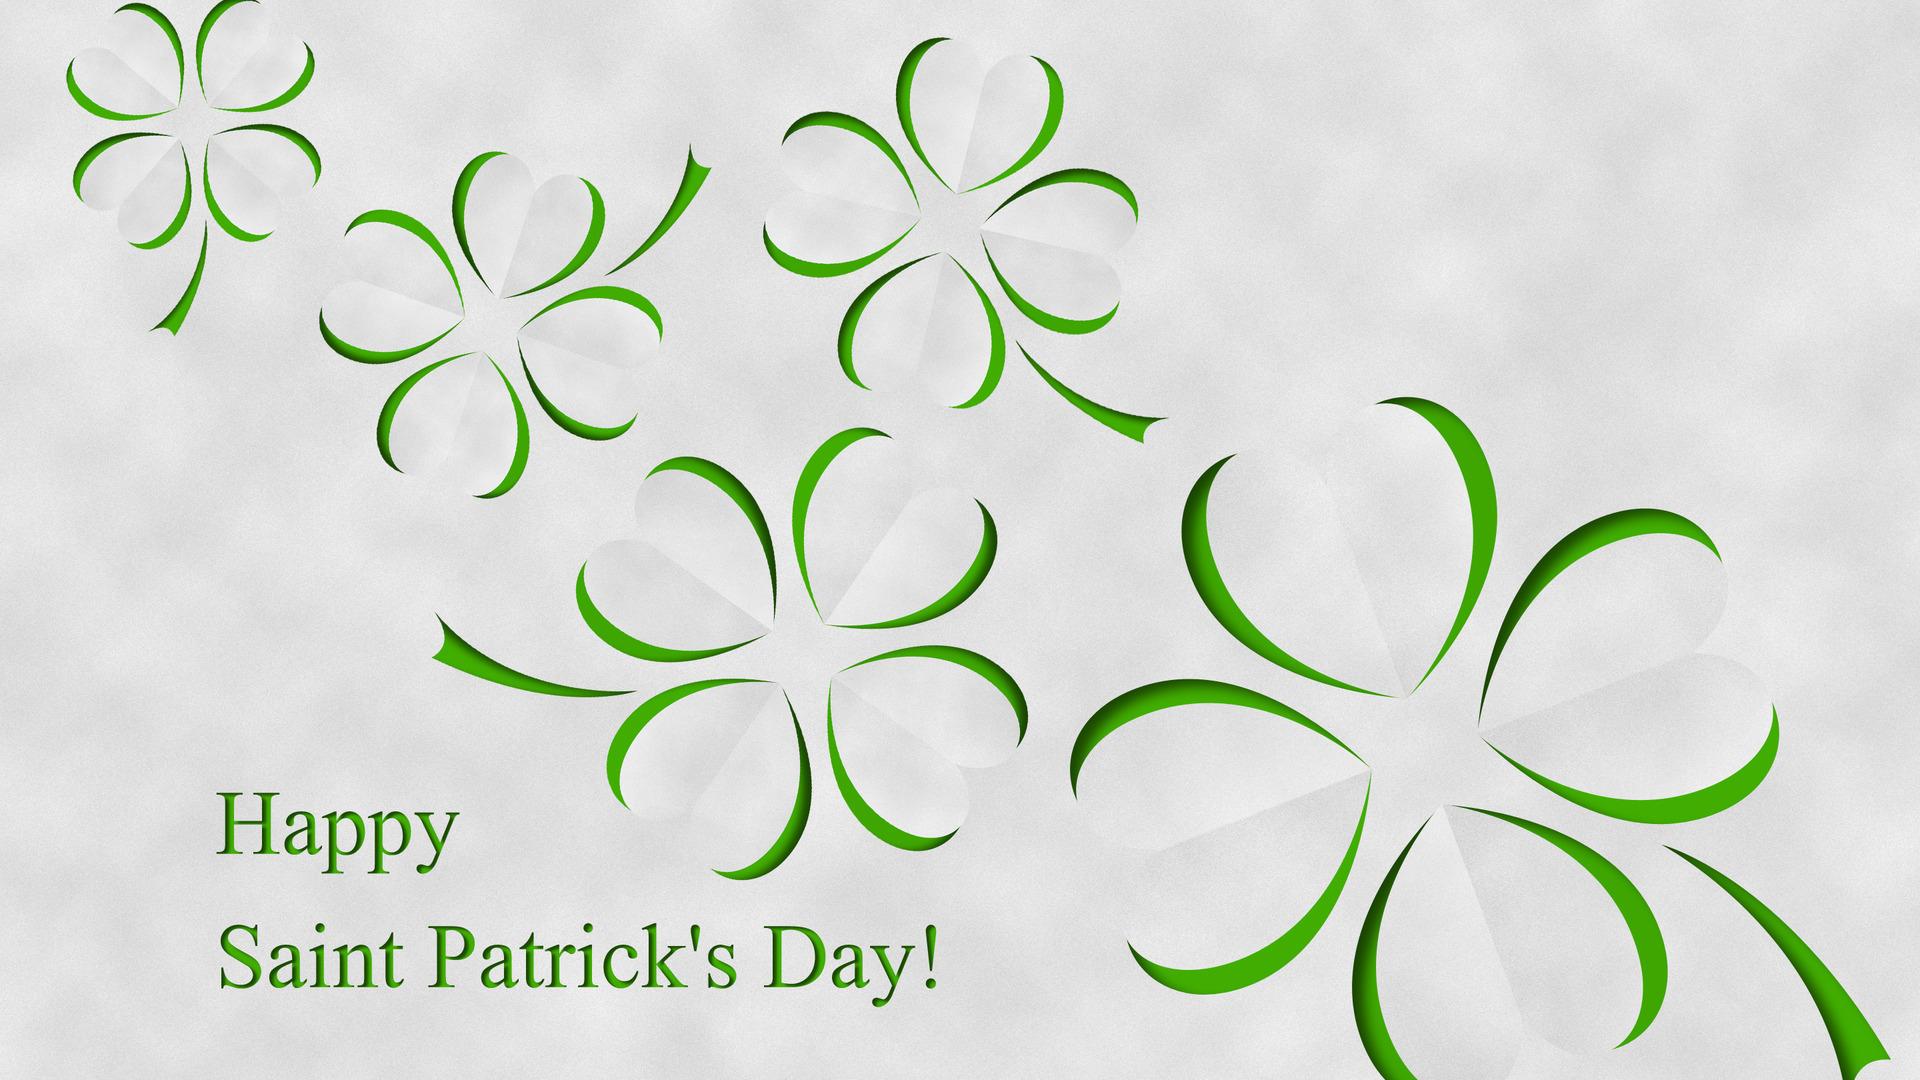 Saint Patrick's Day HD Wallpaper